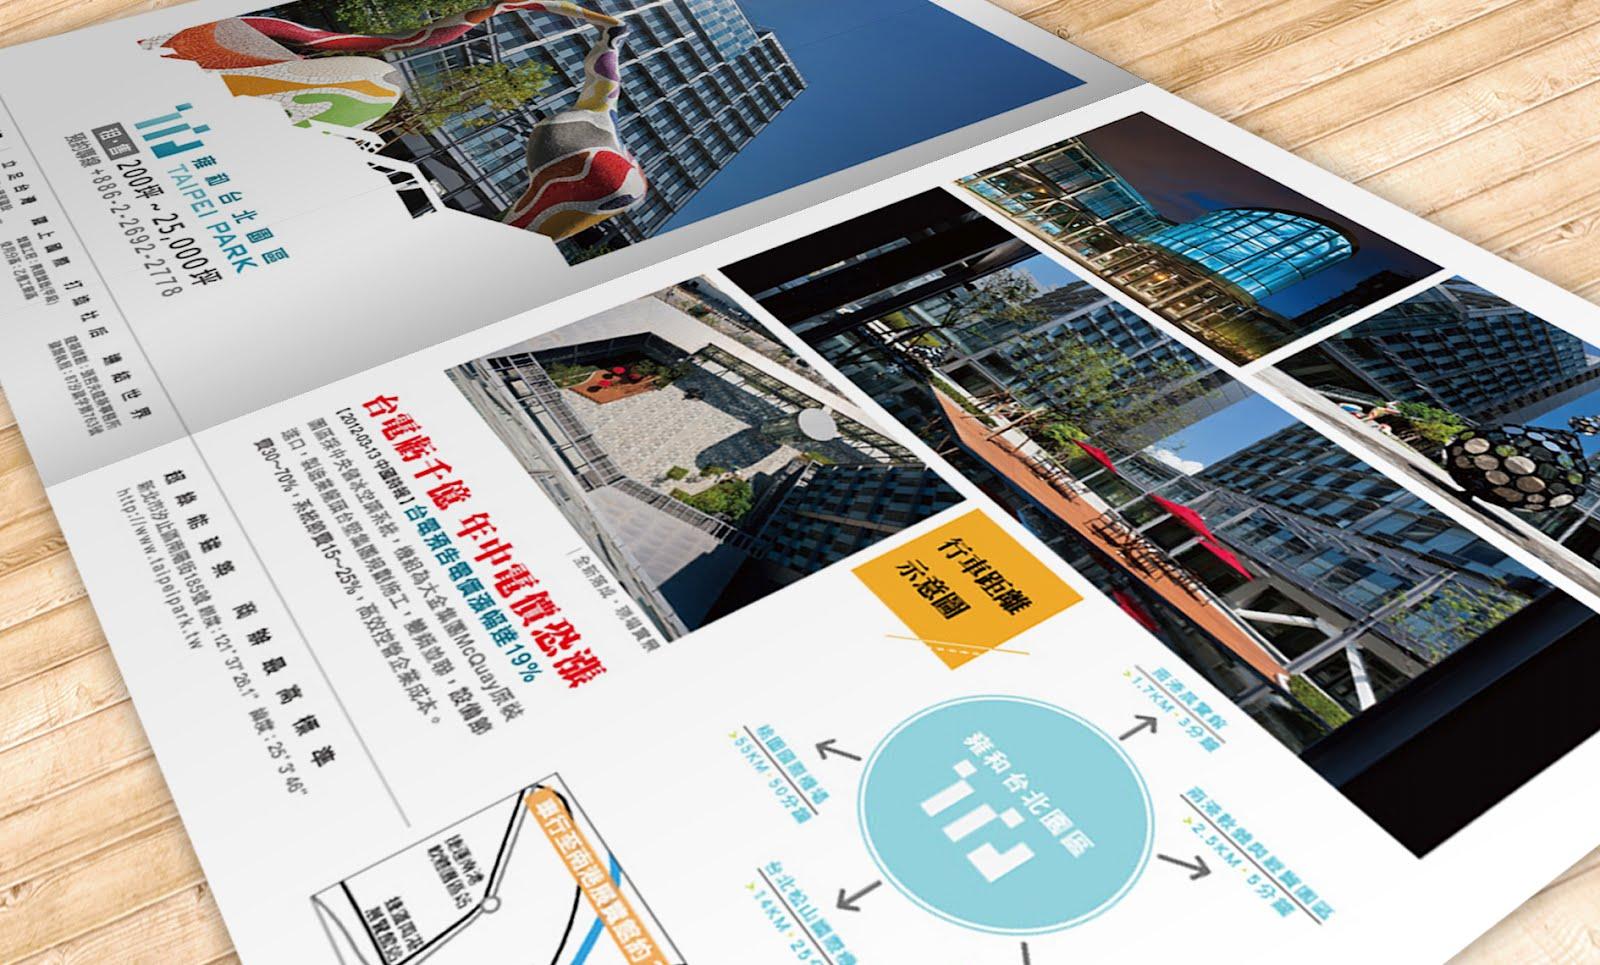 雍和建設廣告設計 - 財訊雙週刊-趨勢贏家特刊 by MUMULab.com